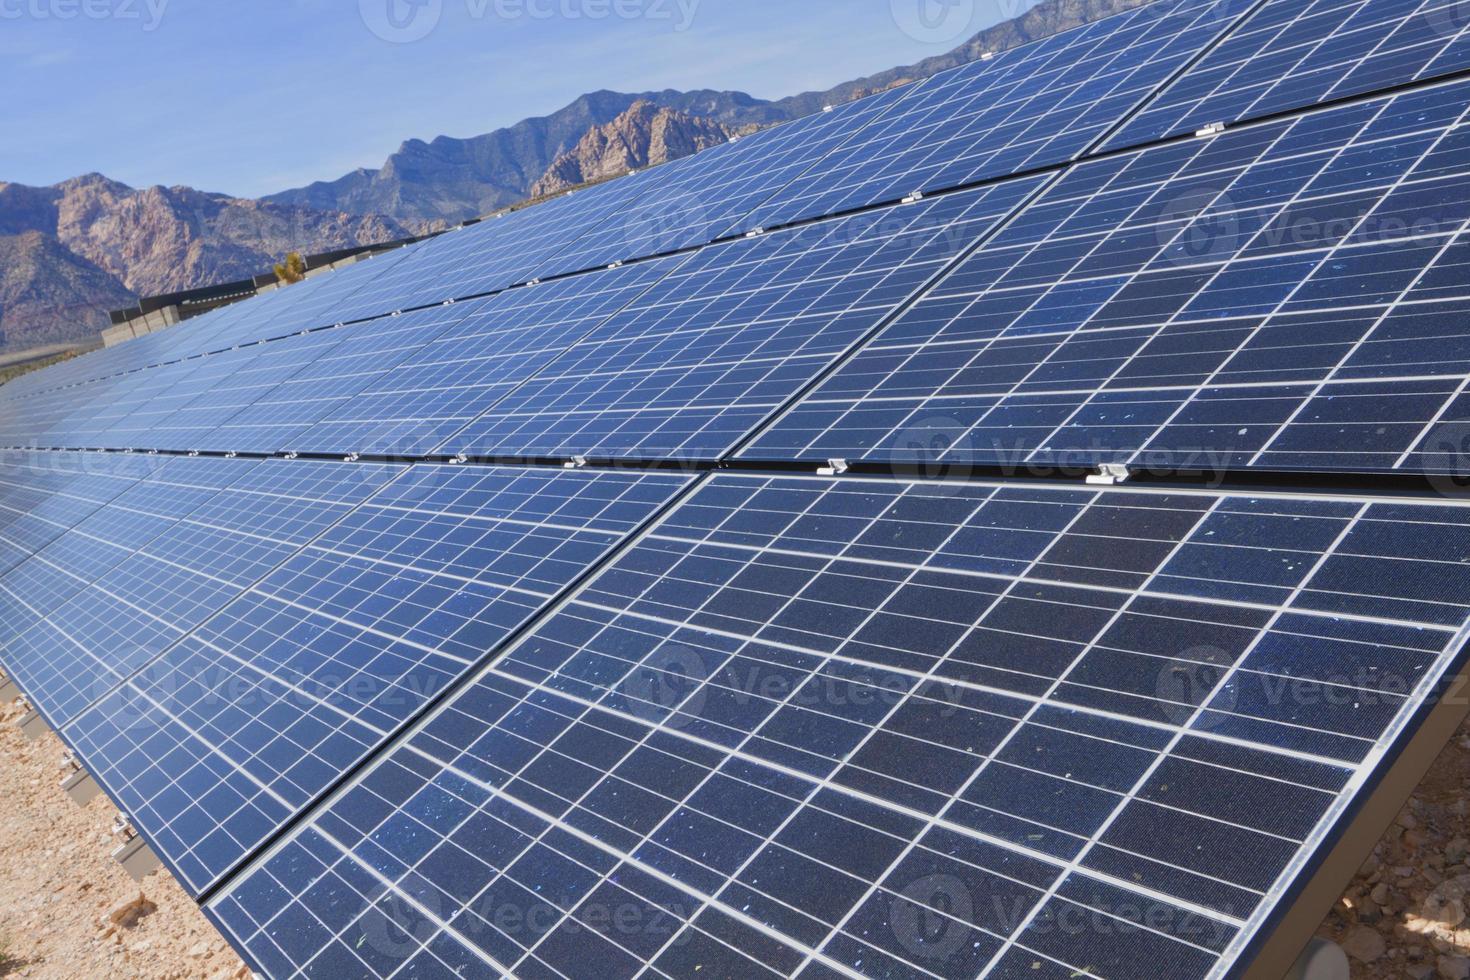 Solar panels in the Mojave Desert. photo